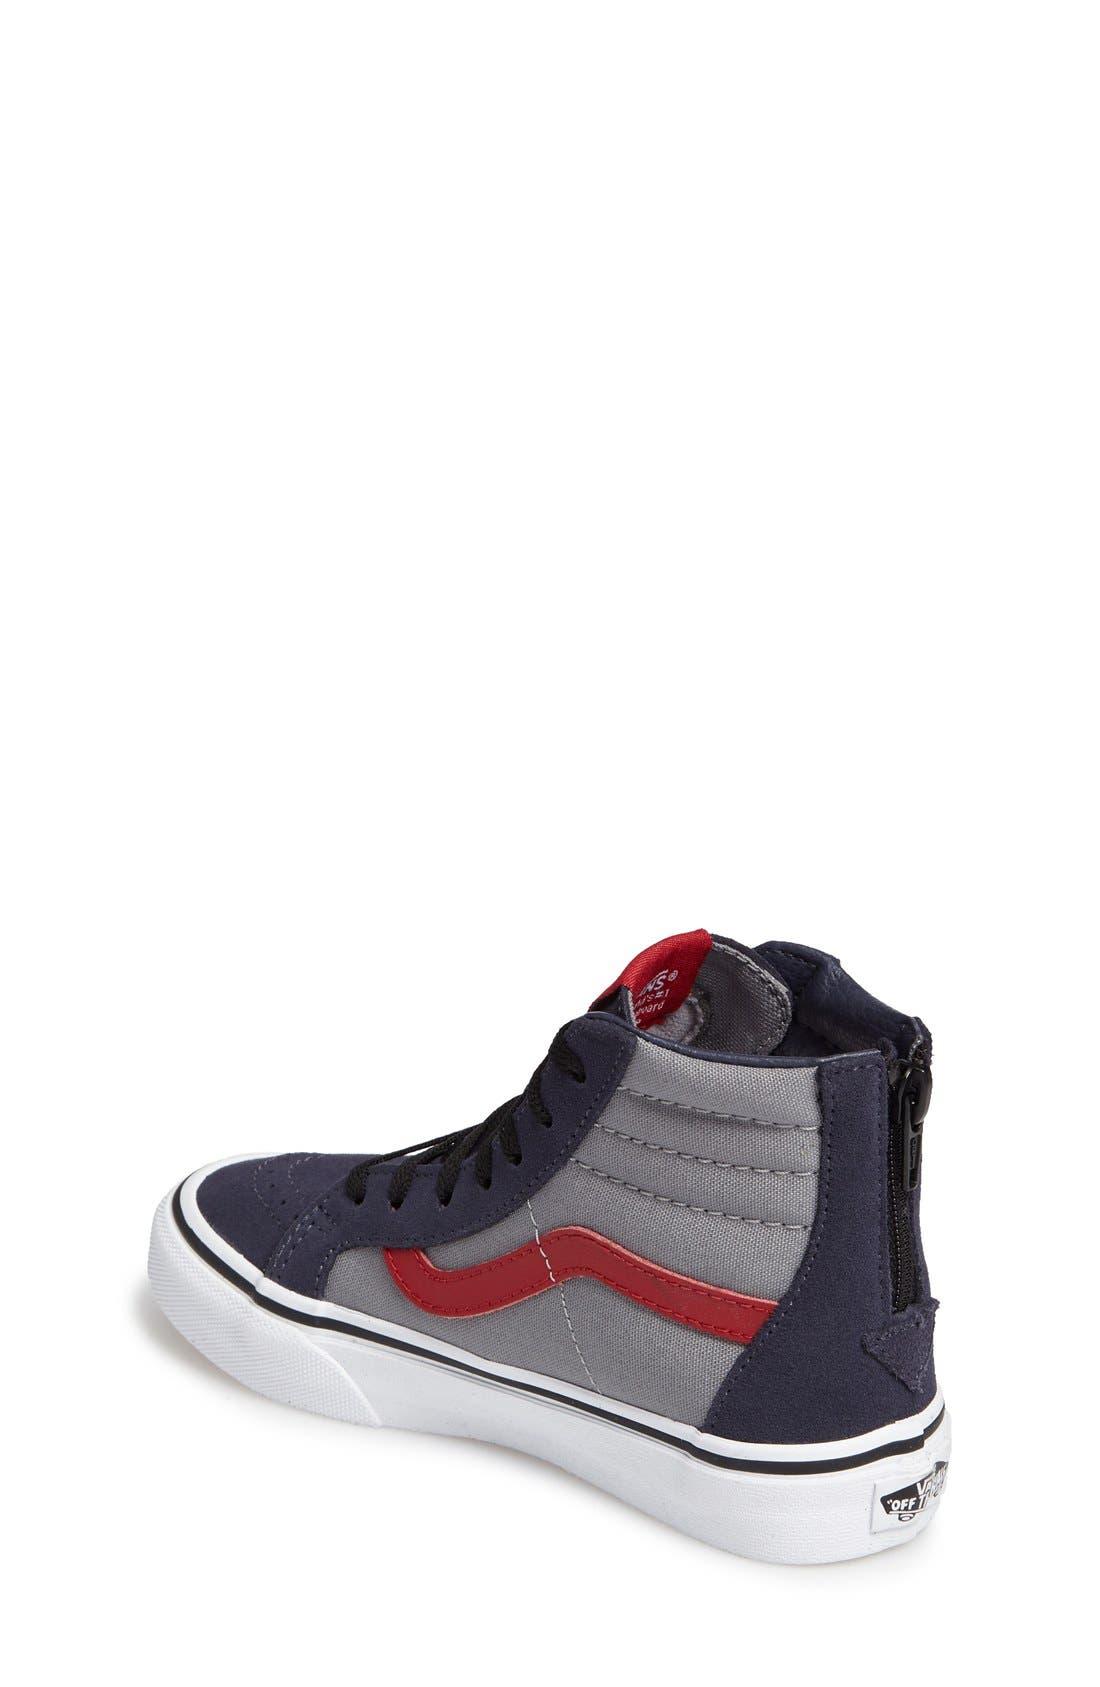 SK8-Hi Zip Pop Sneaker,                             Alternate thumbnail 2, color,                             Parisian Night/ Racing Red